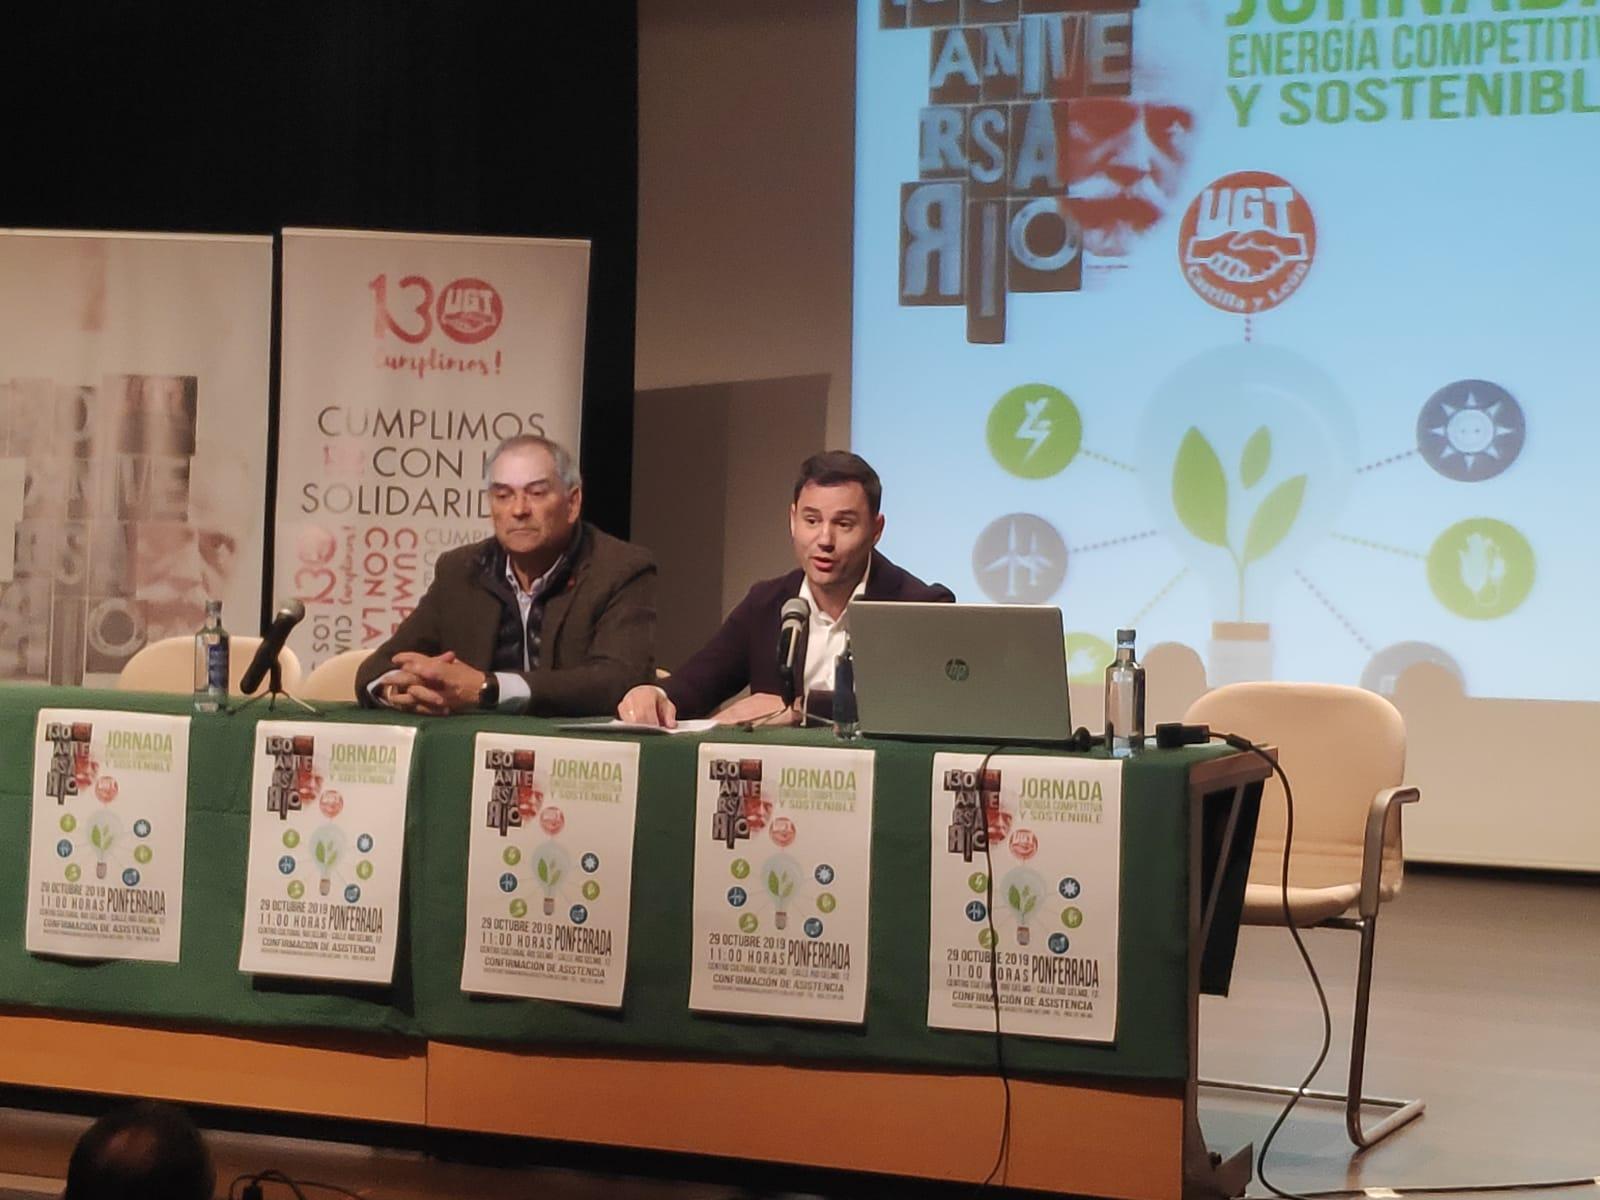 Jornada sobre energía competitiva y sostenible